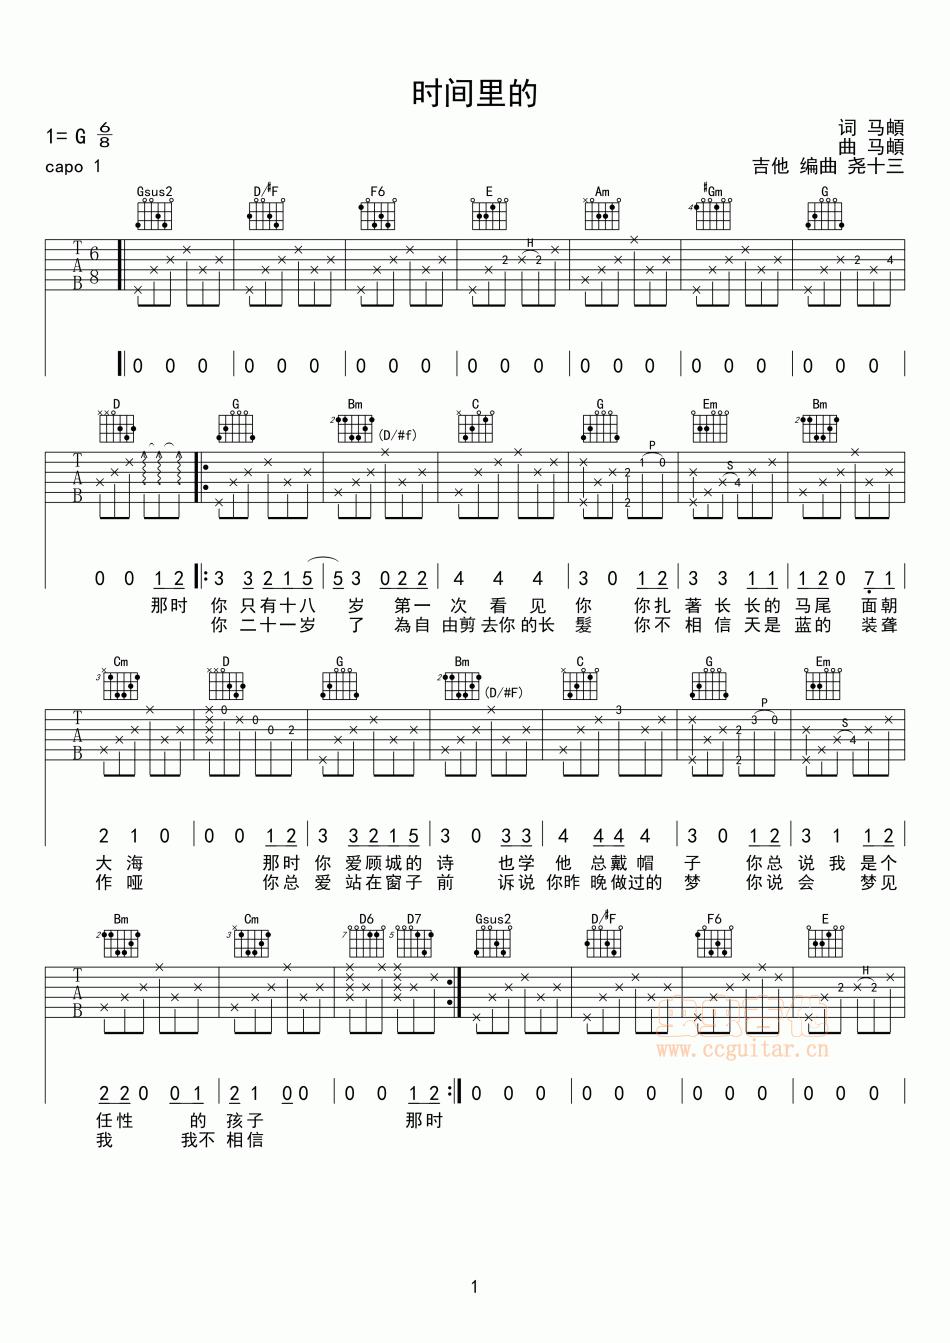 梅里爱的见证对唱歌谱-吉他弹唱 时间里 马頔 吉他谱